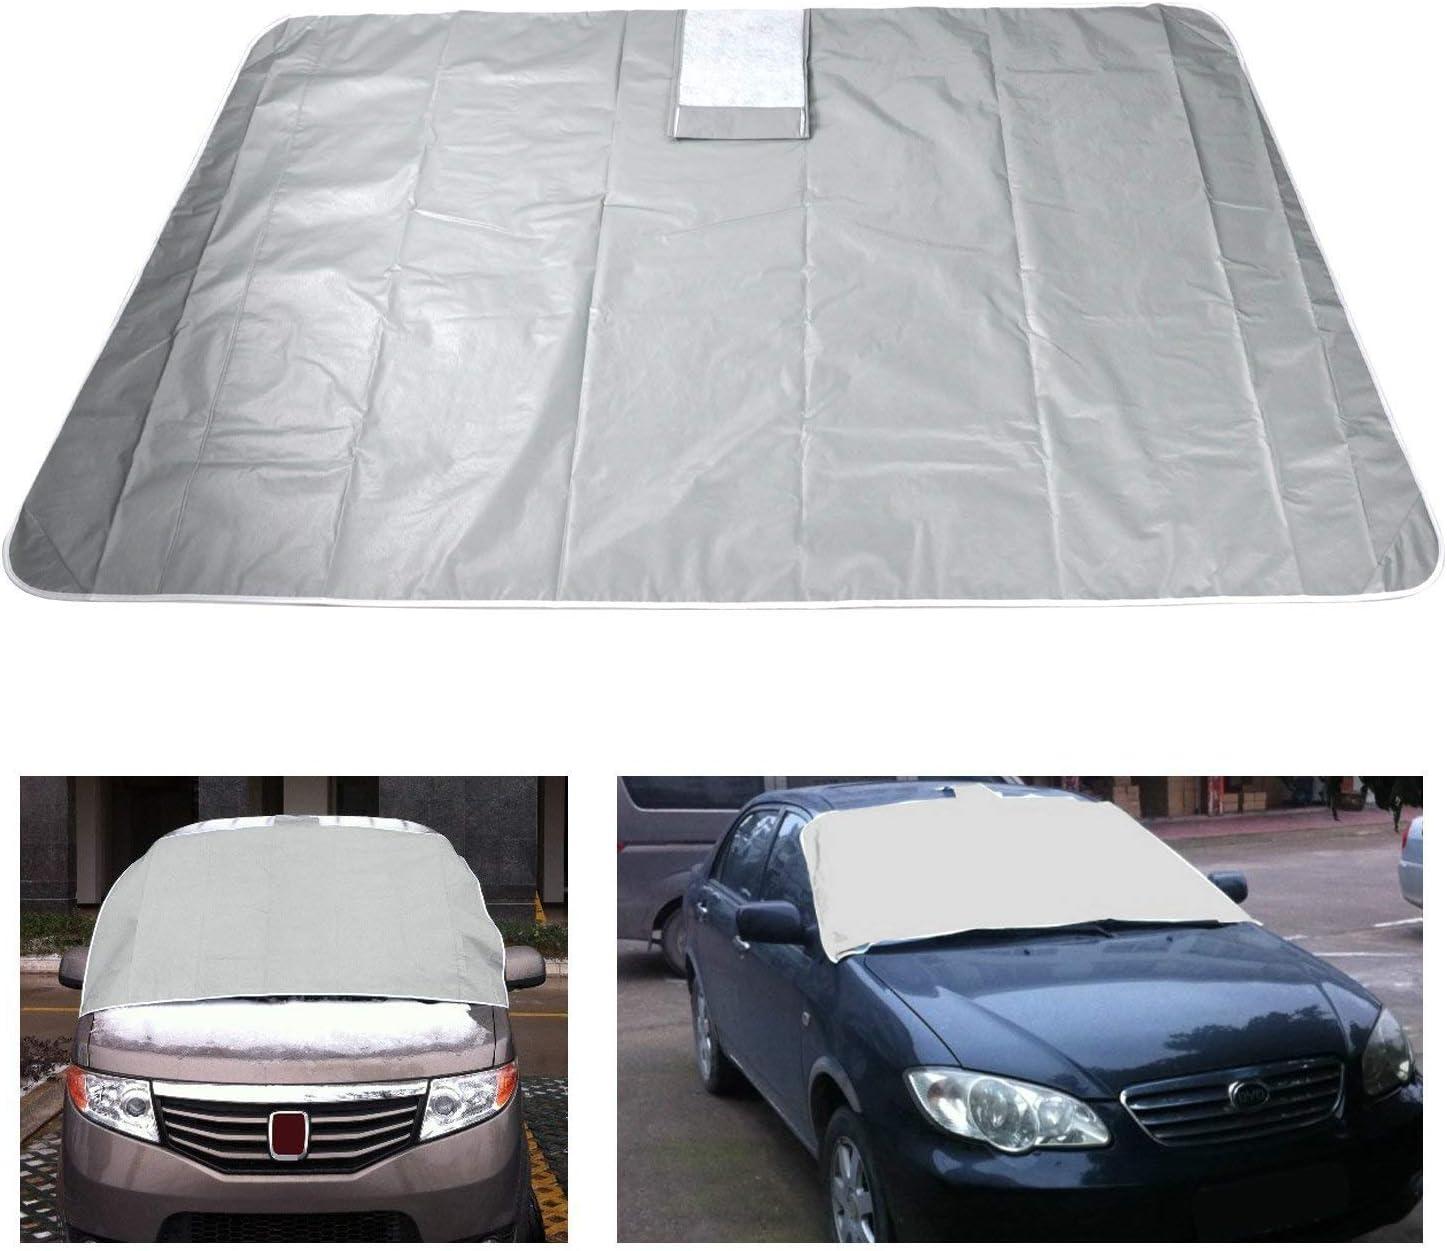 Guilty Gadgets Couverture magn/étique pour pare-brise de voiture contre le soleil la glace le gel et la neige 85 x 185 cm